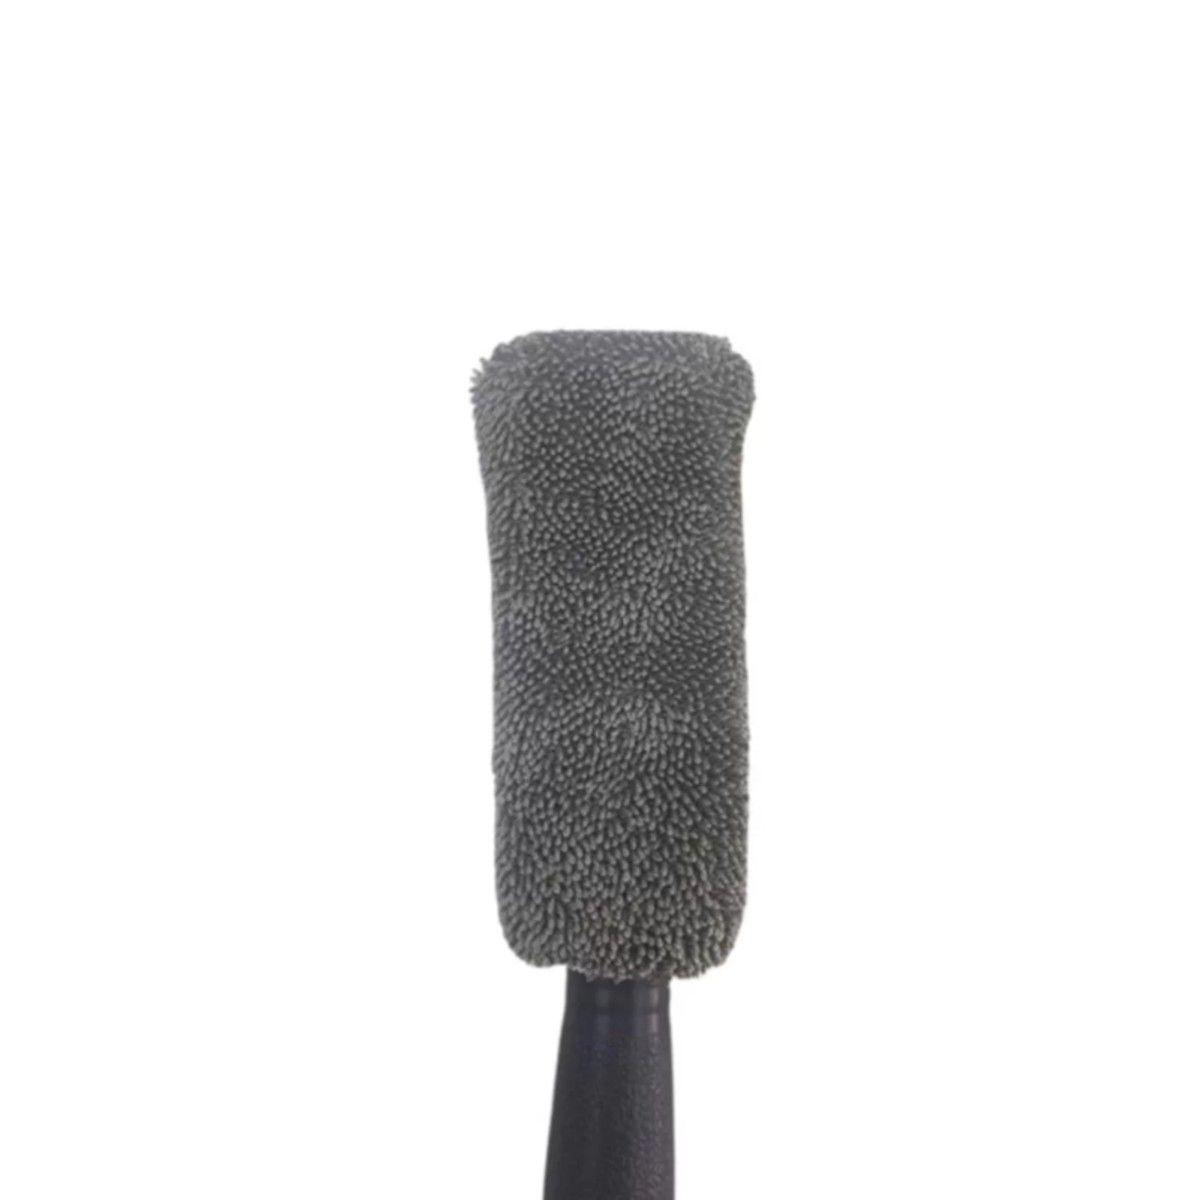 Escova de Microfibra para Limpeza de Roda Cinza Detaileir